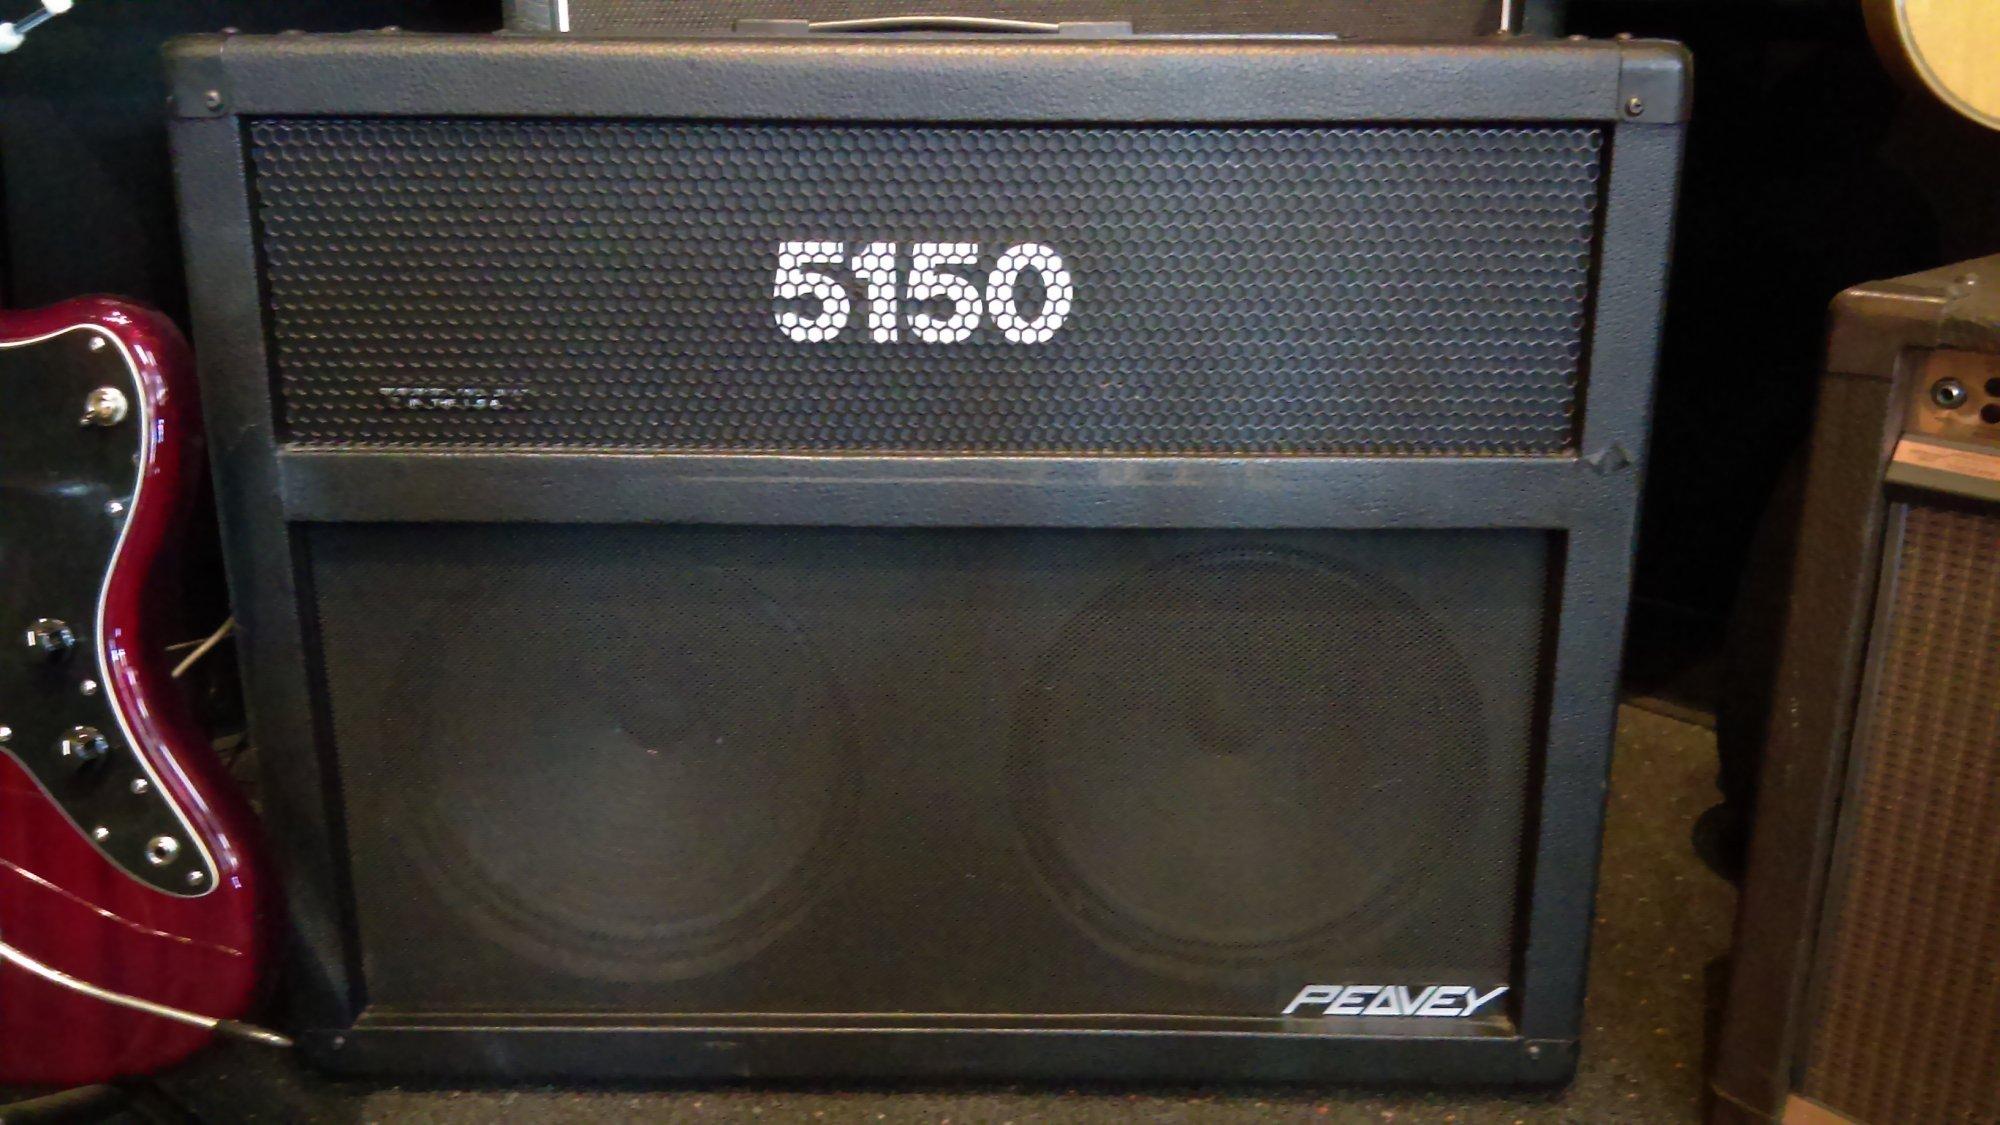 USED Peavey 5150 60-Watt 2x12 Tube Combo Amplifier